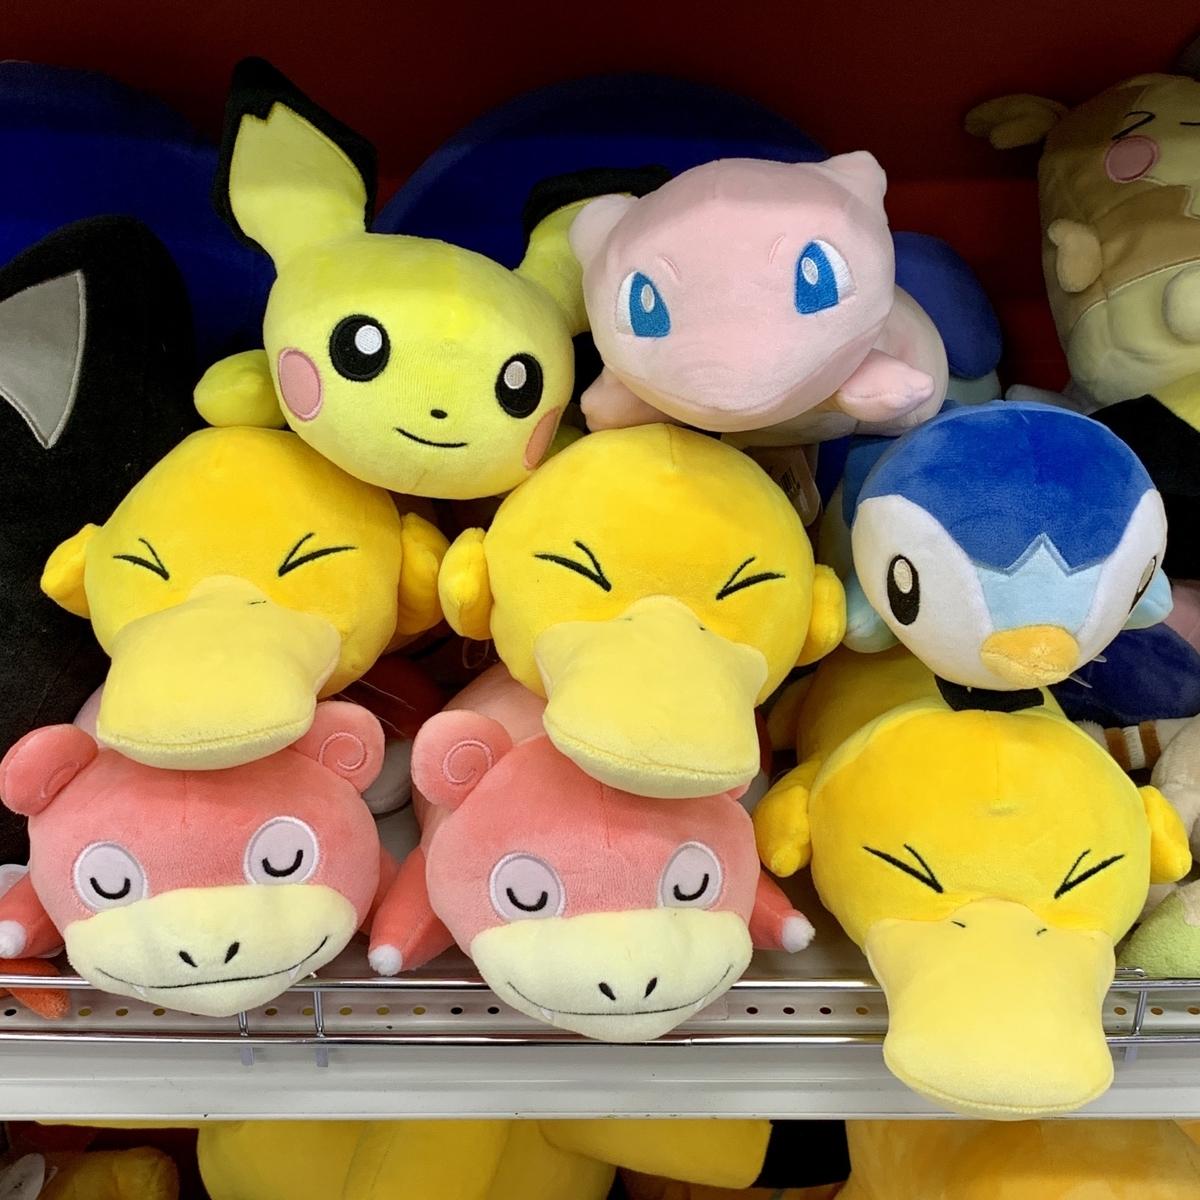 f:id:pikachu_pcn:20200928193036j:plain